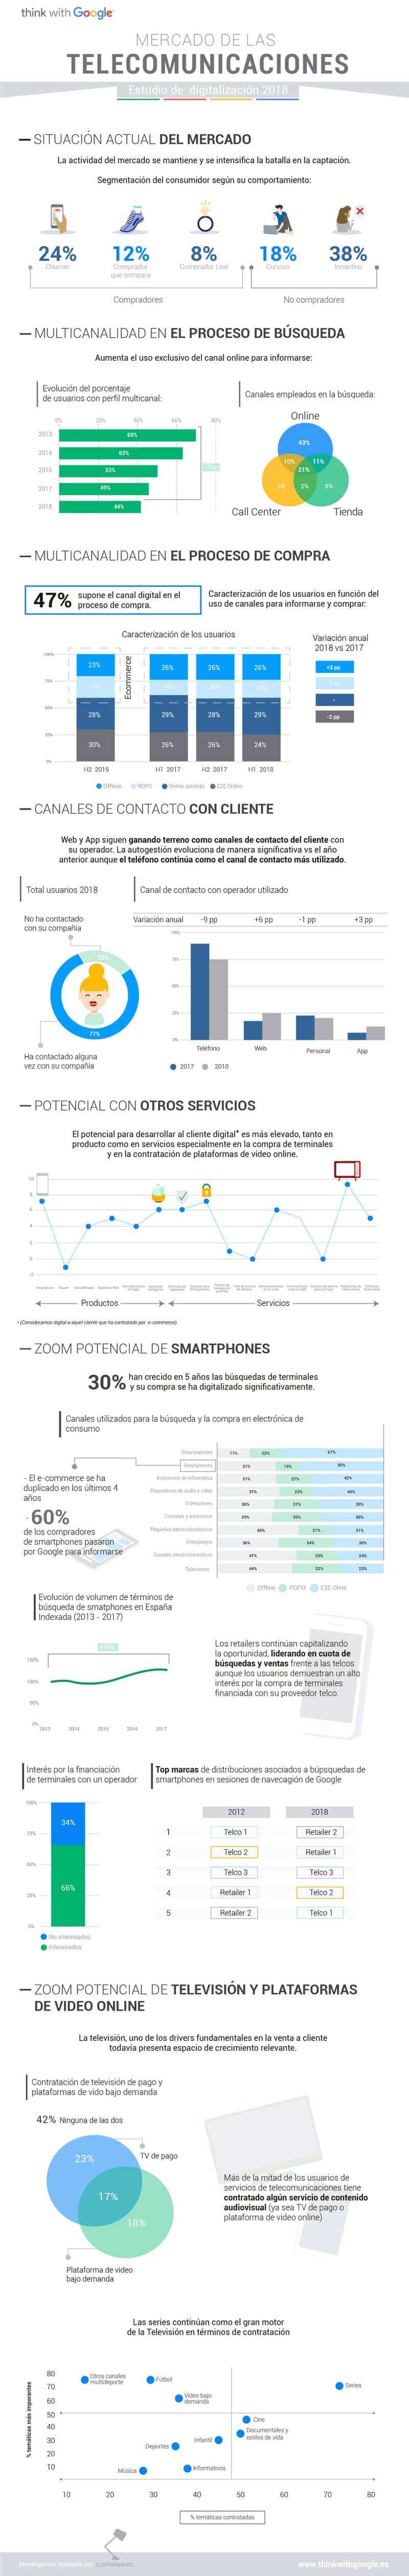 Impacto del internet en la industria de telecomunicaciones